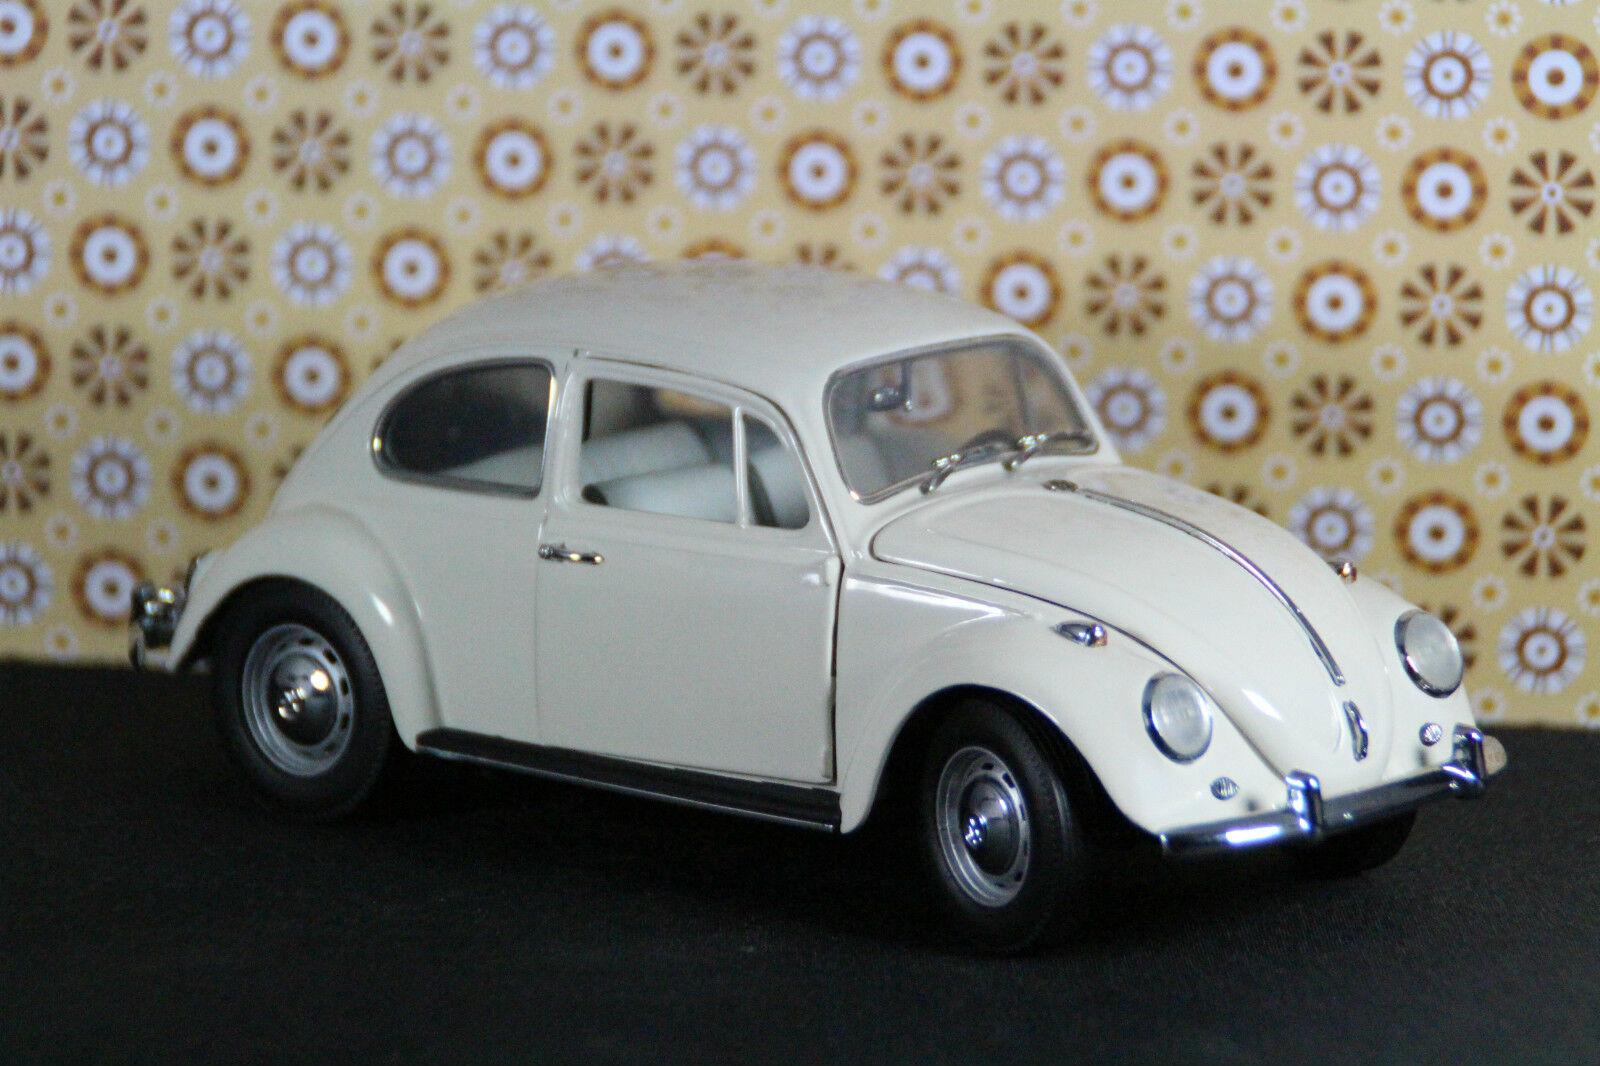 VW Maggiolino Volkswagen Beetle 1967 Franklin Mint 1992 Precision MODEL rarità